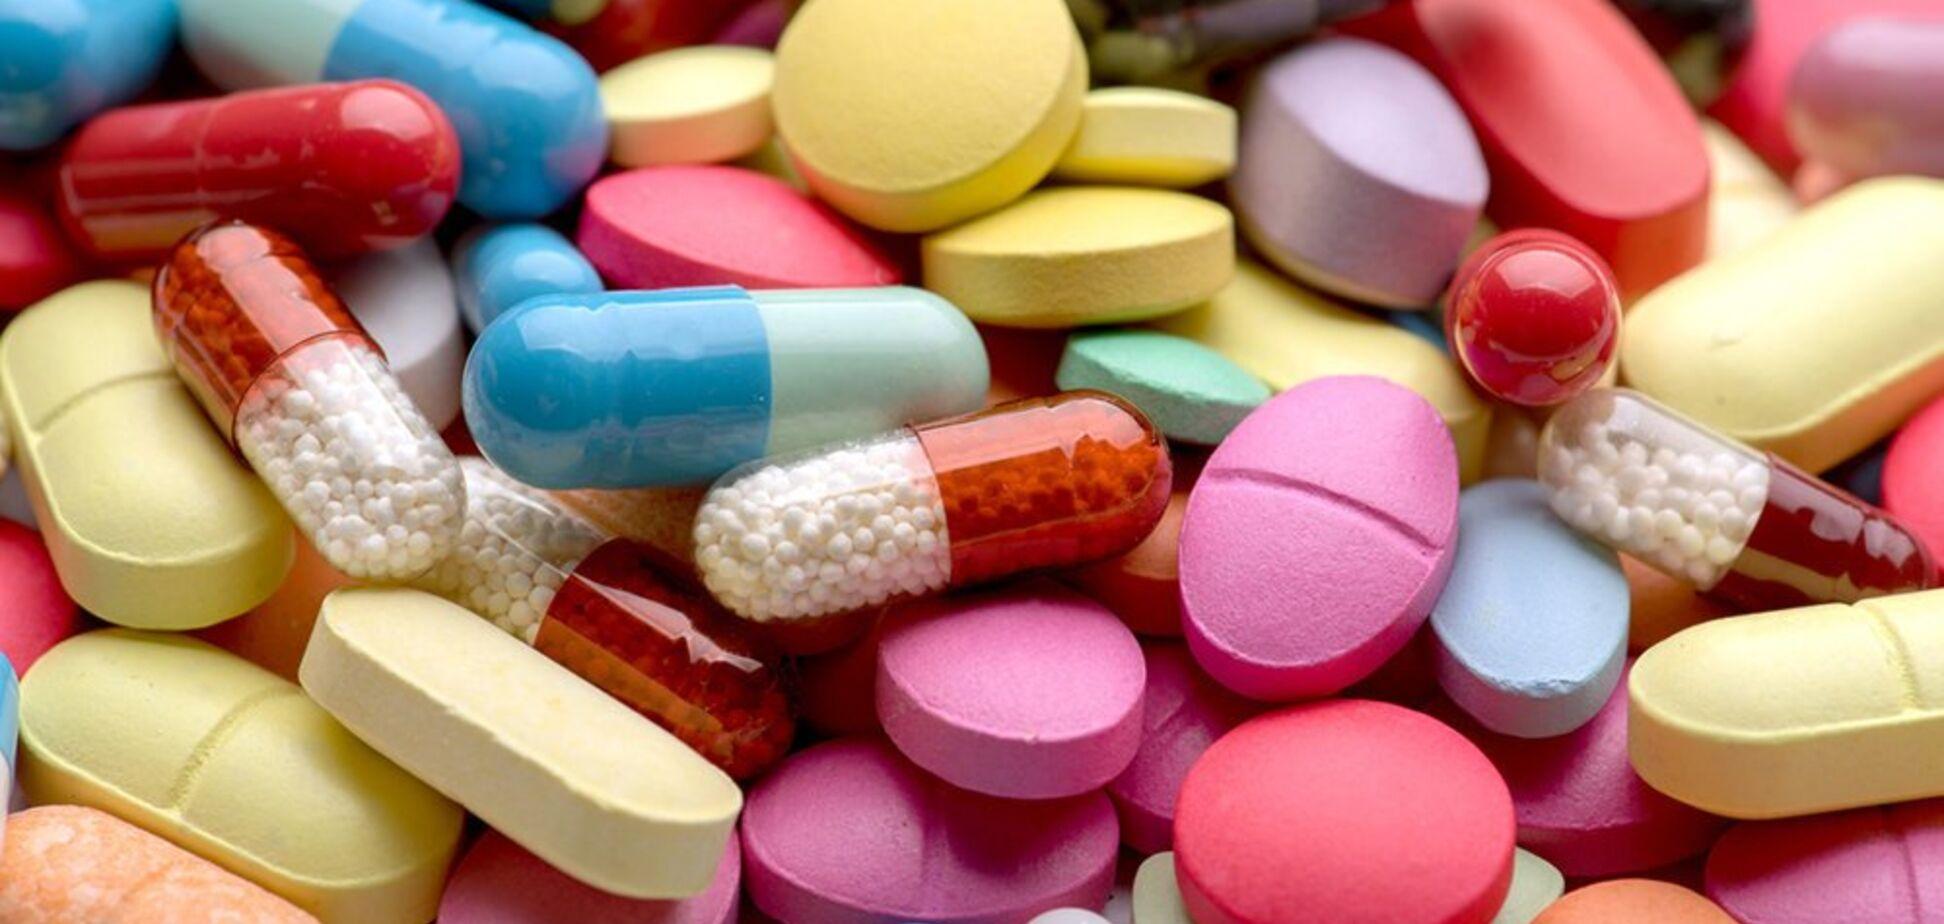 МОЗ не допускає відкриття доказової бази щодо безпечності лікарських засобів